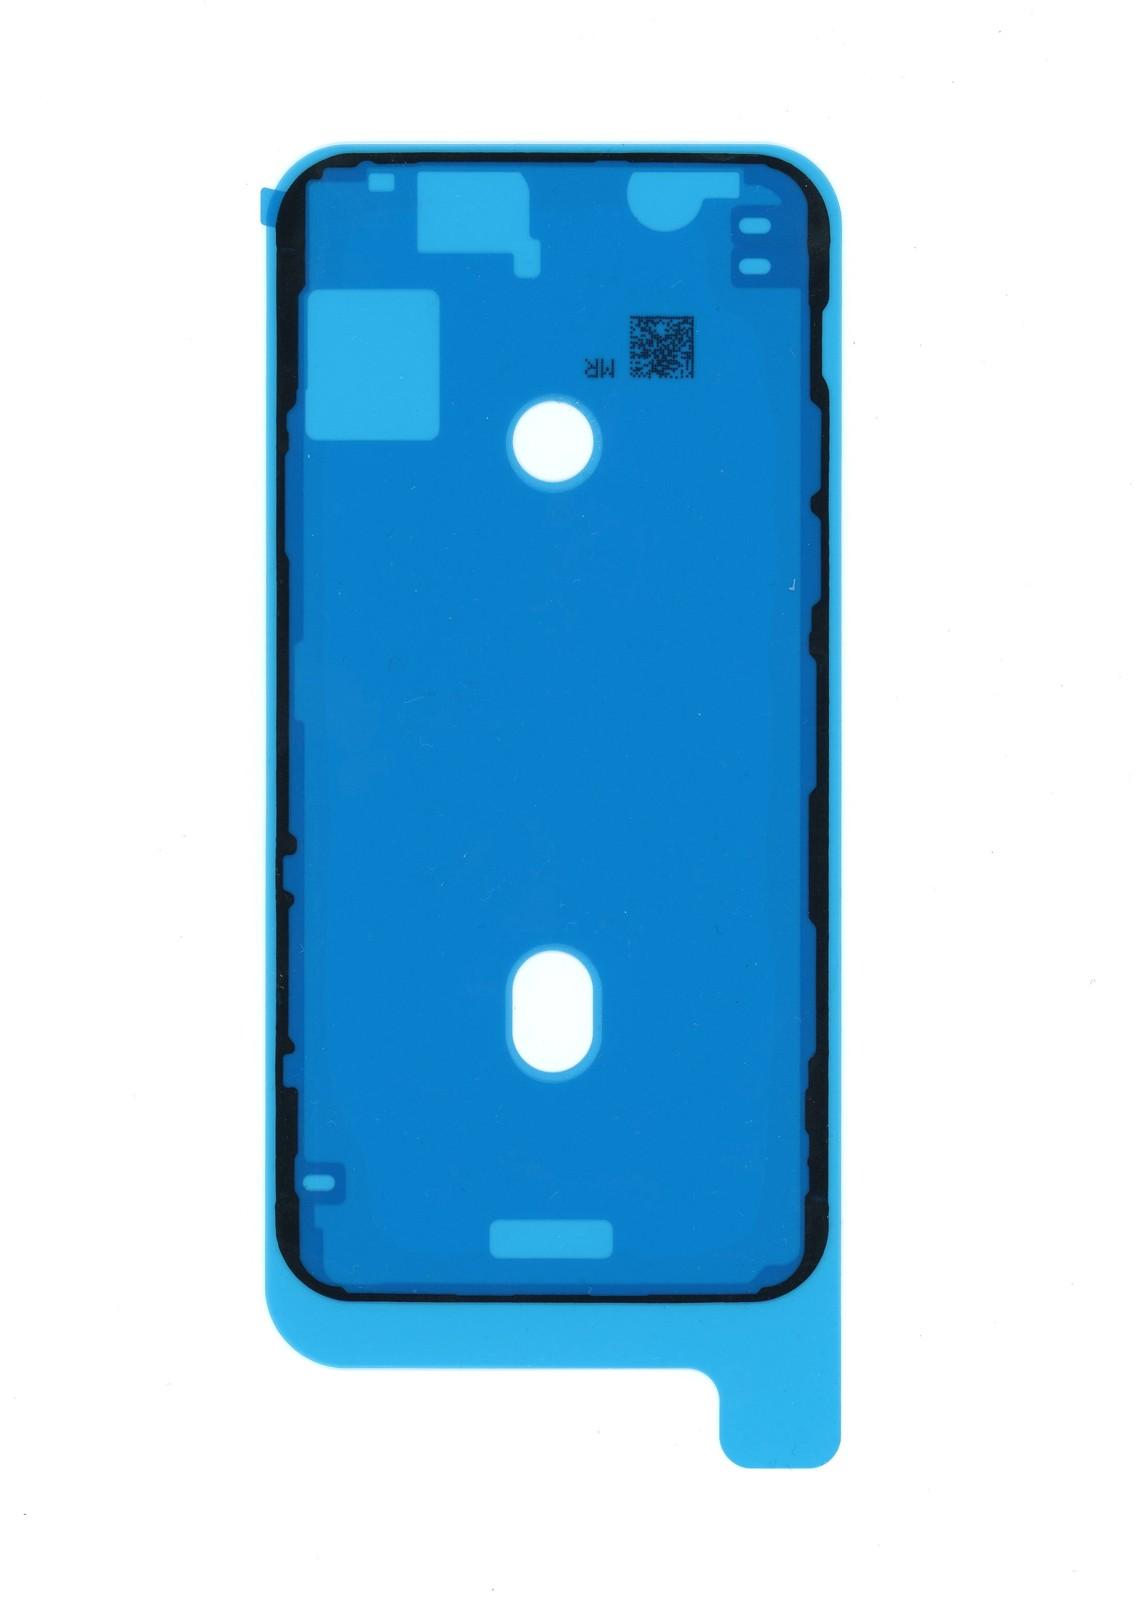 Rahmenkleber / Dichtung für Display iPhone 11 schwarz